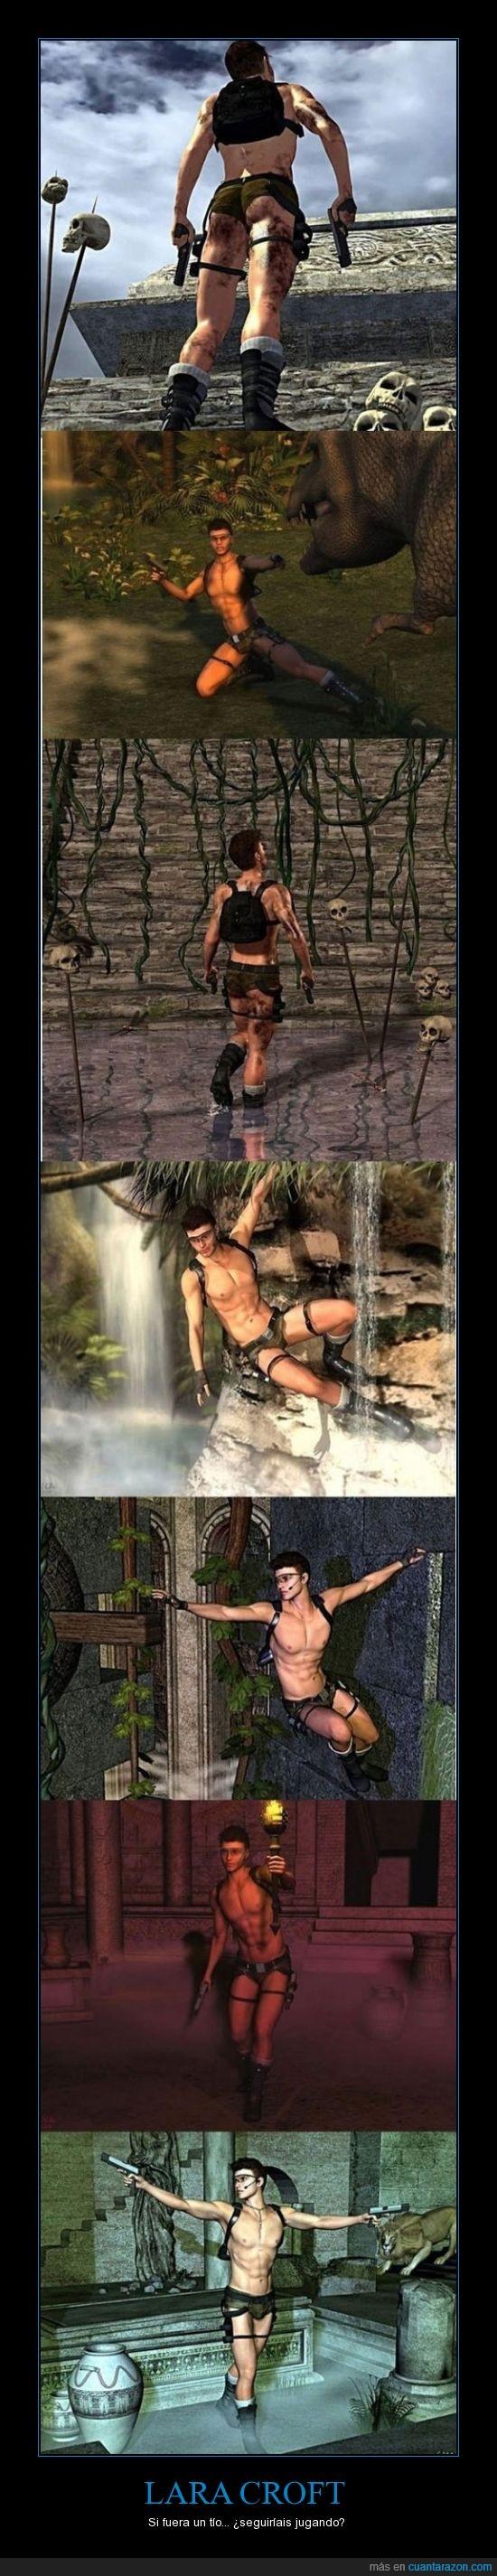 jugar,Lara croft,musculos,tío,tomb rider,videojuego